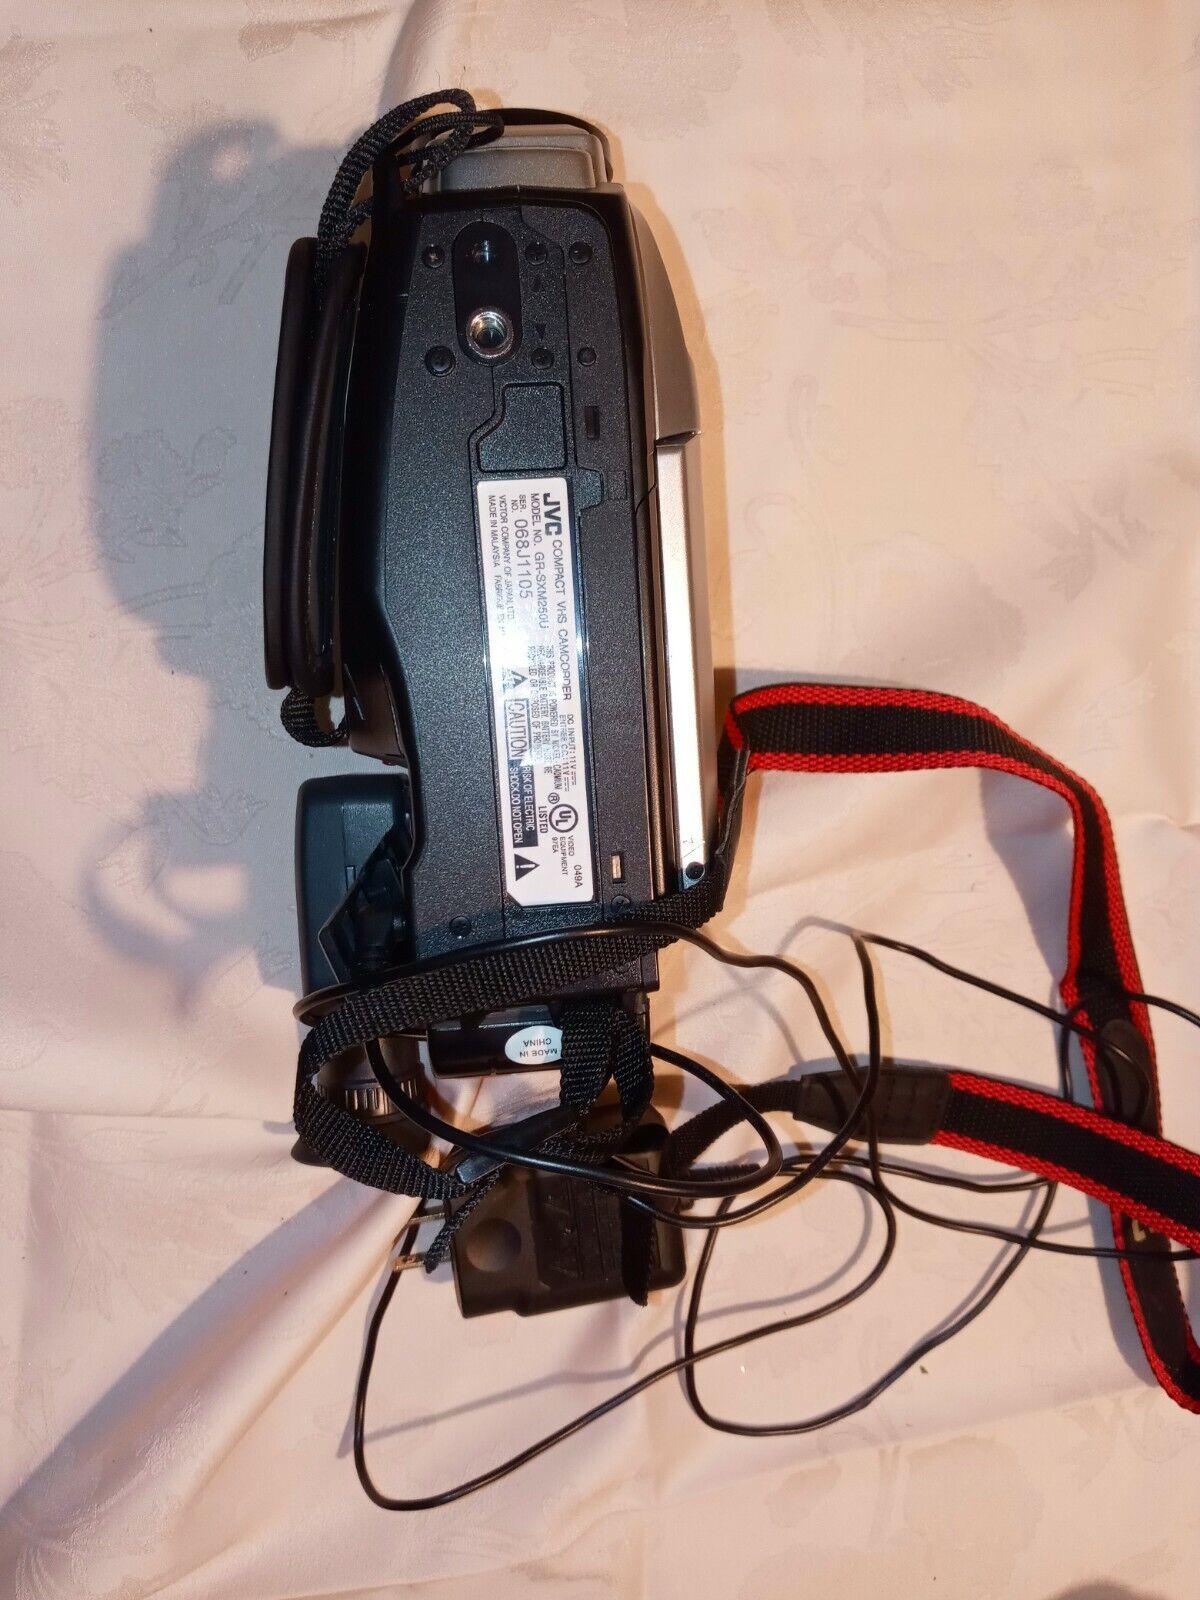 Jvc Gr Sxm250 Vhs C Analog Camcorder For Sale Online Ebay